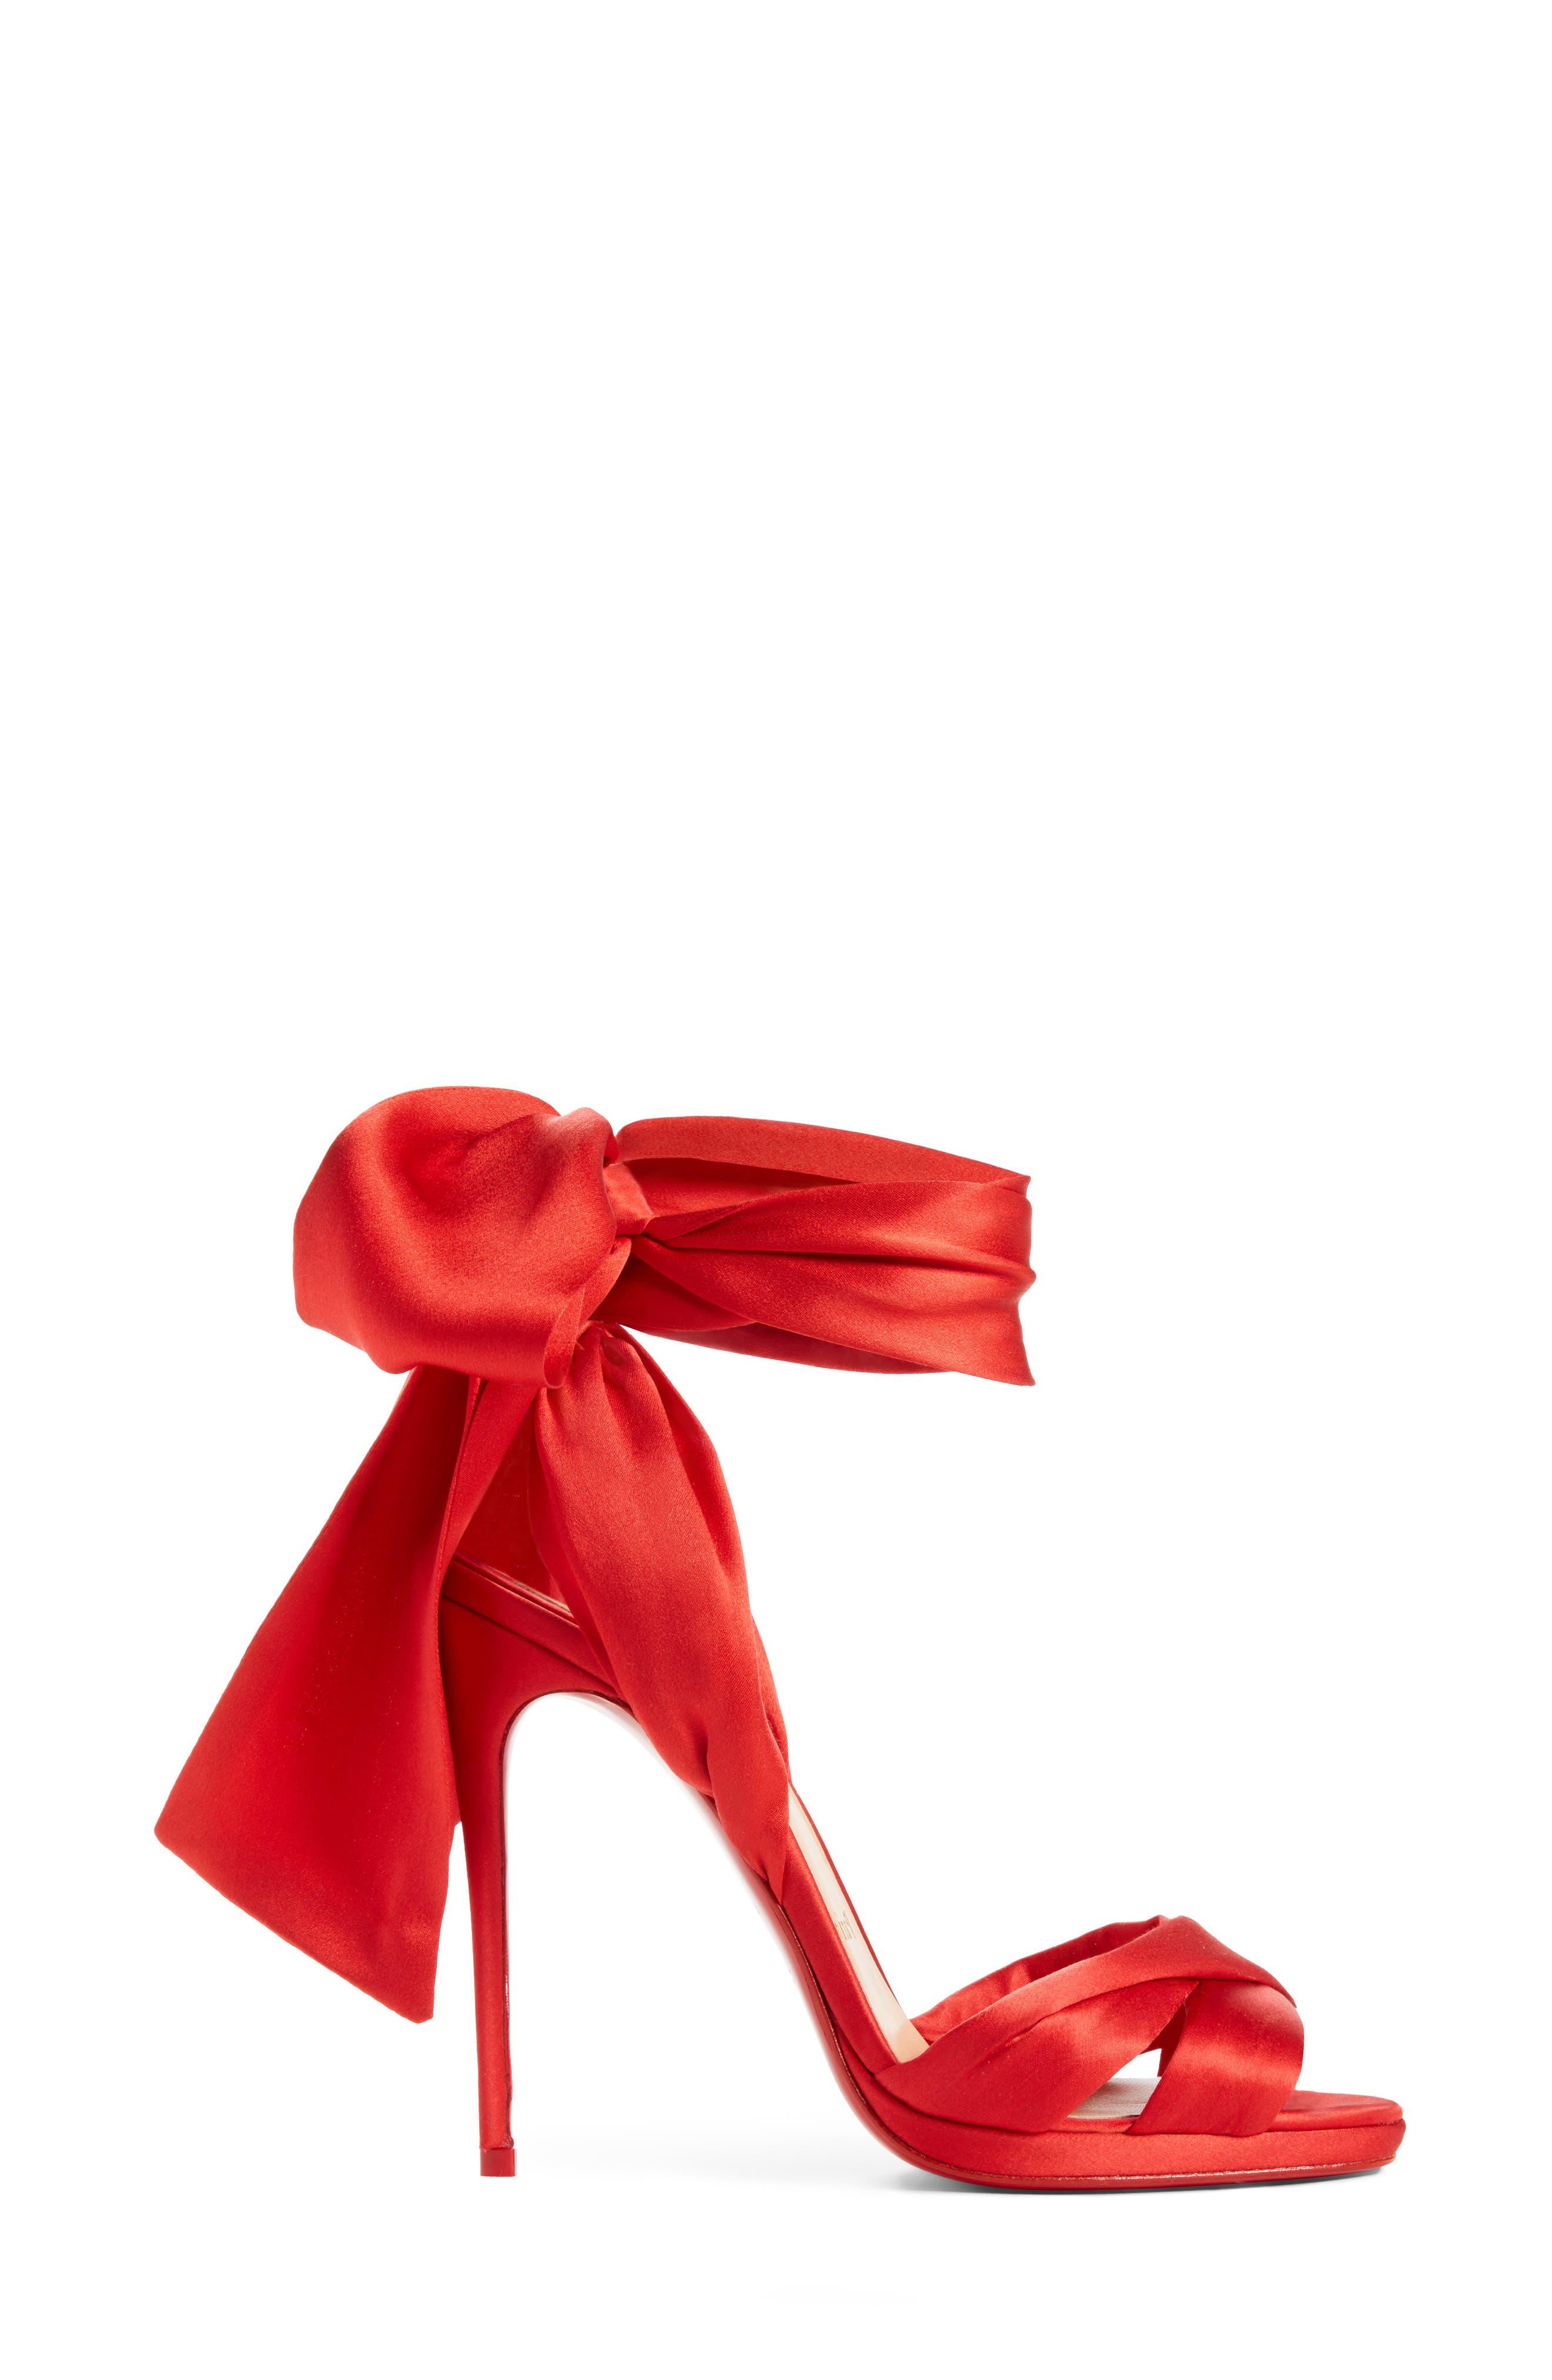 Très Frais Ankle Wrap Sandal,                             Alternate thumbnail 3, color,                             RED